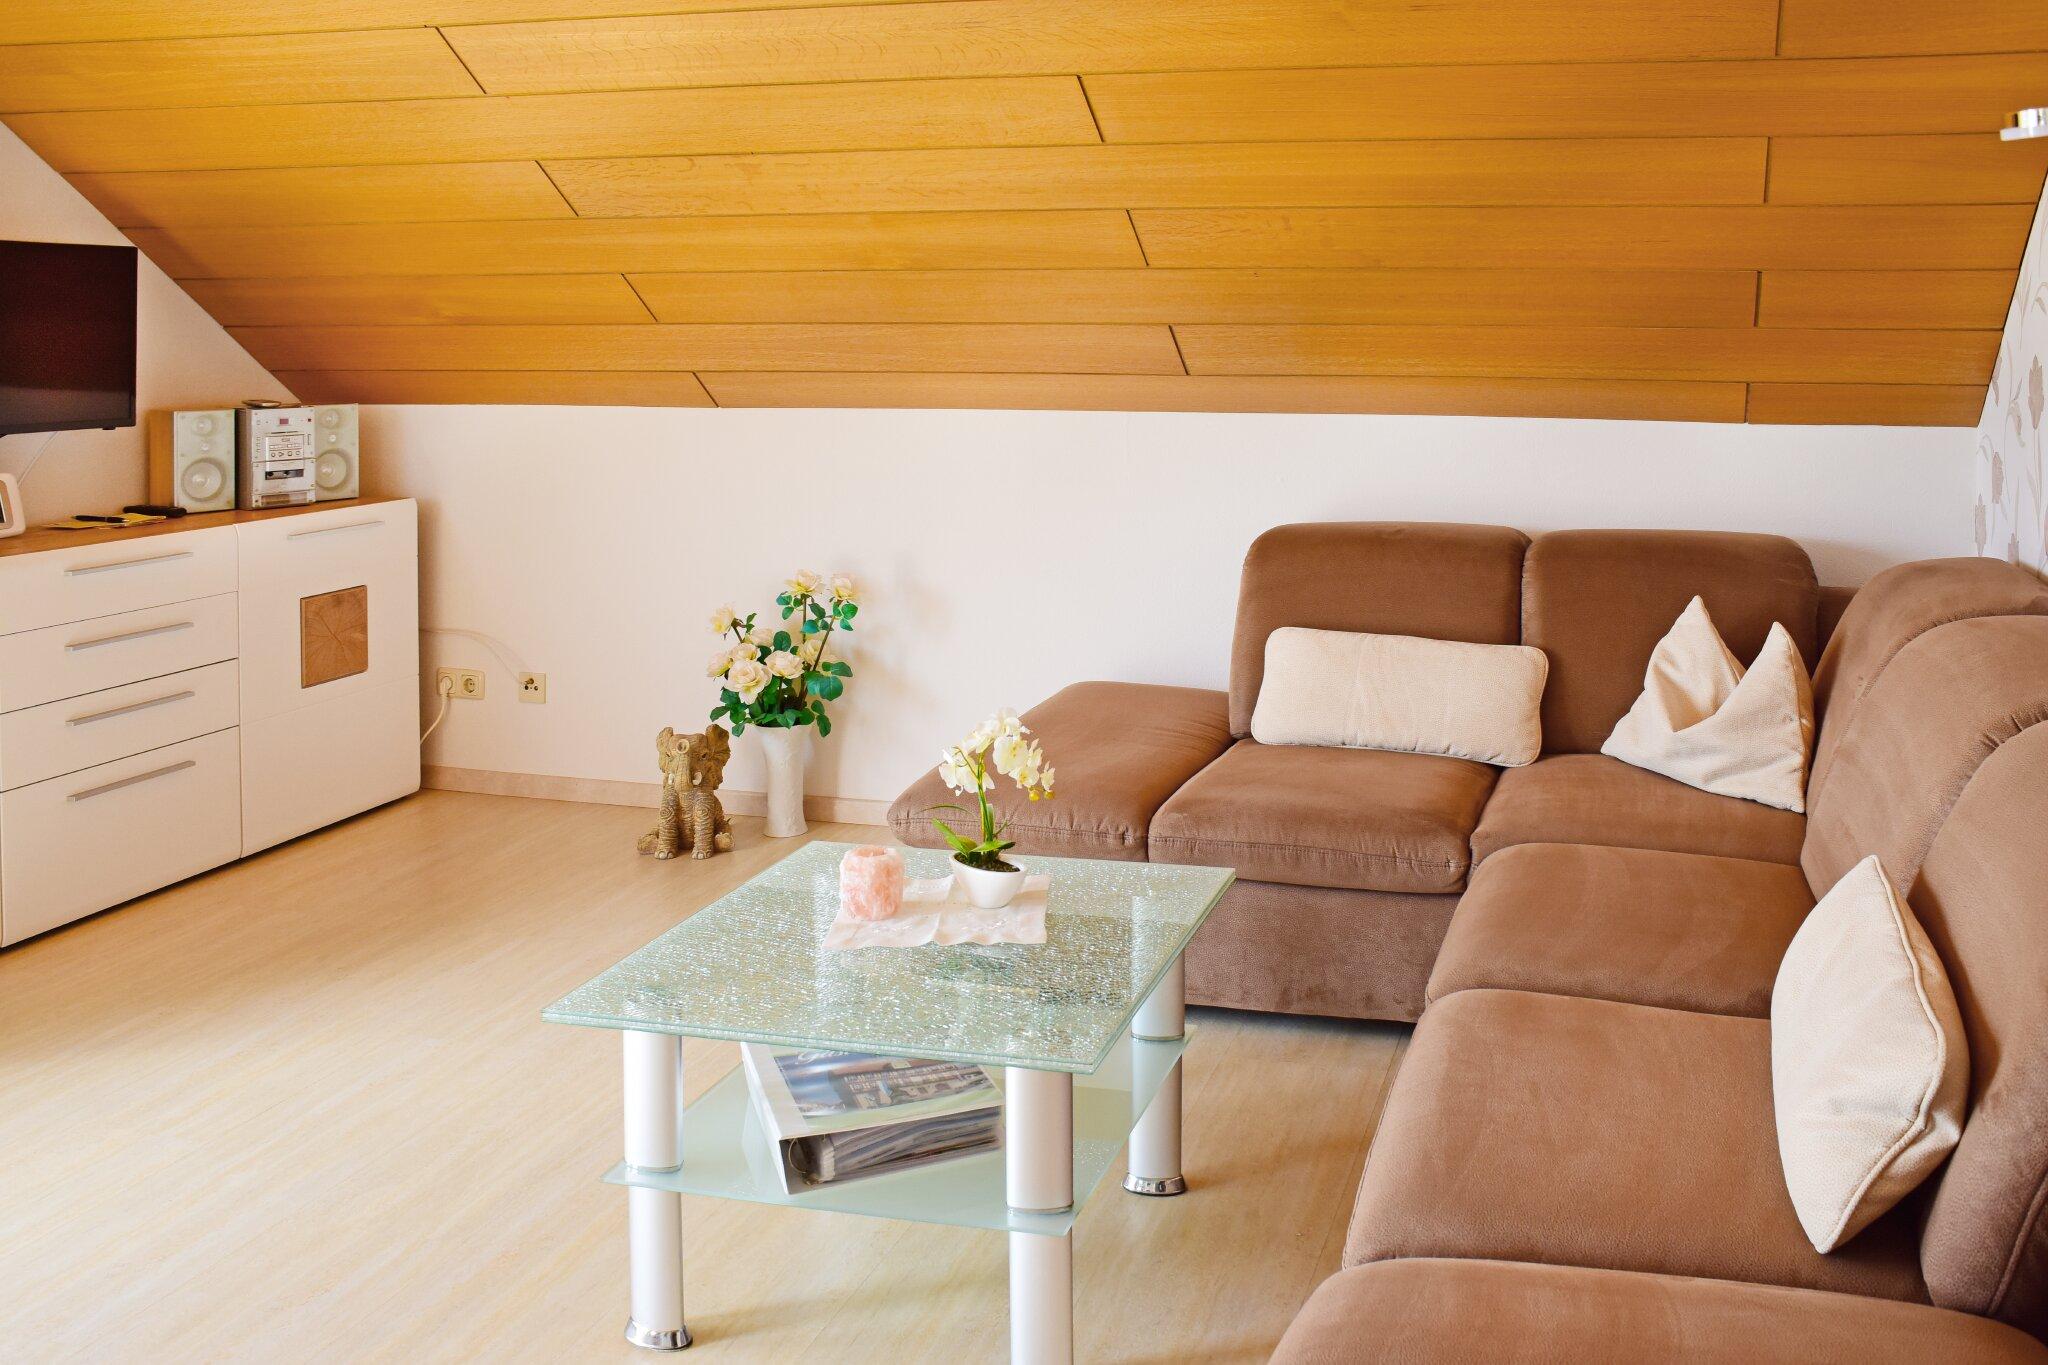 Wohnung 1 Sitzecke Wohnzimmer